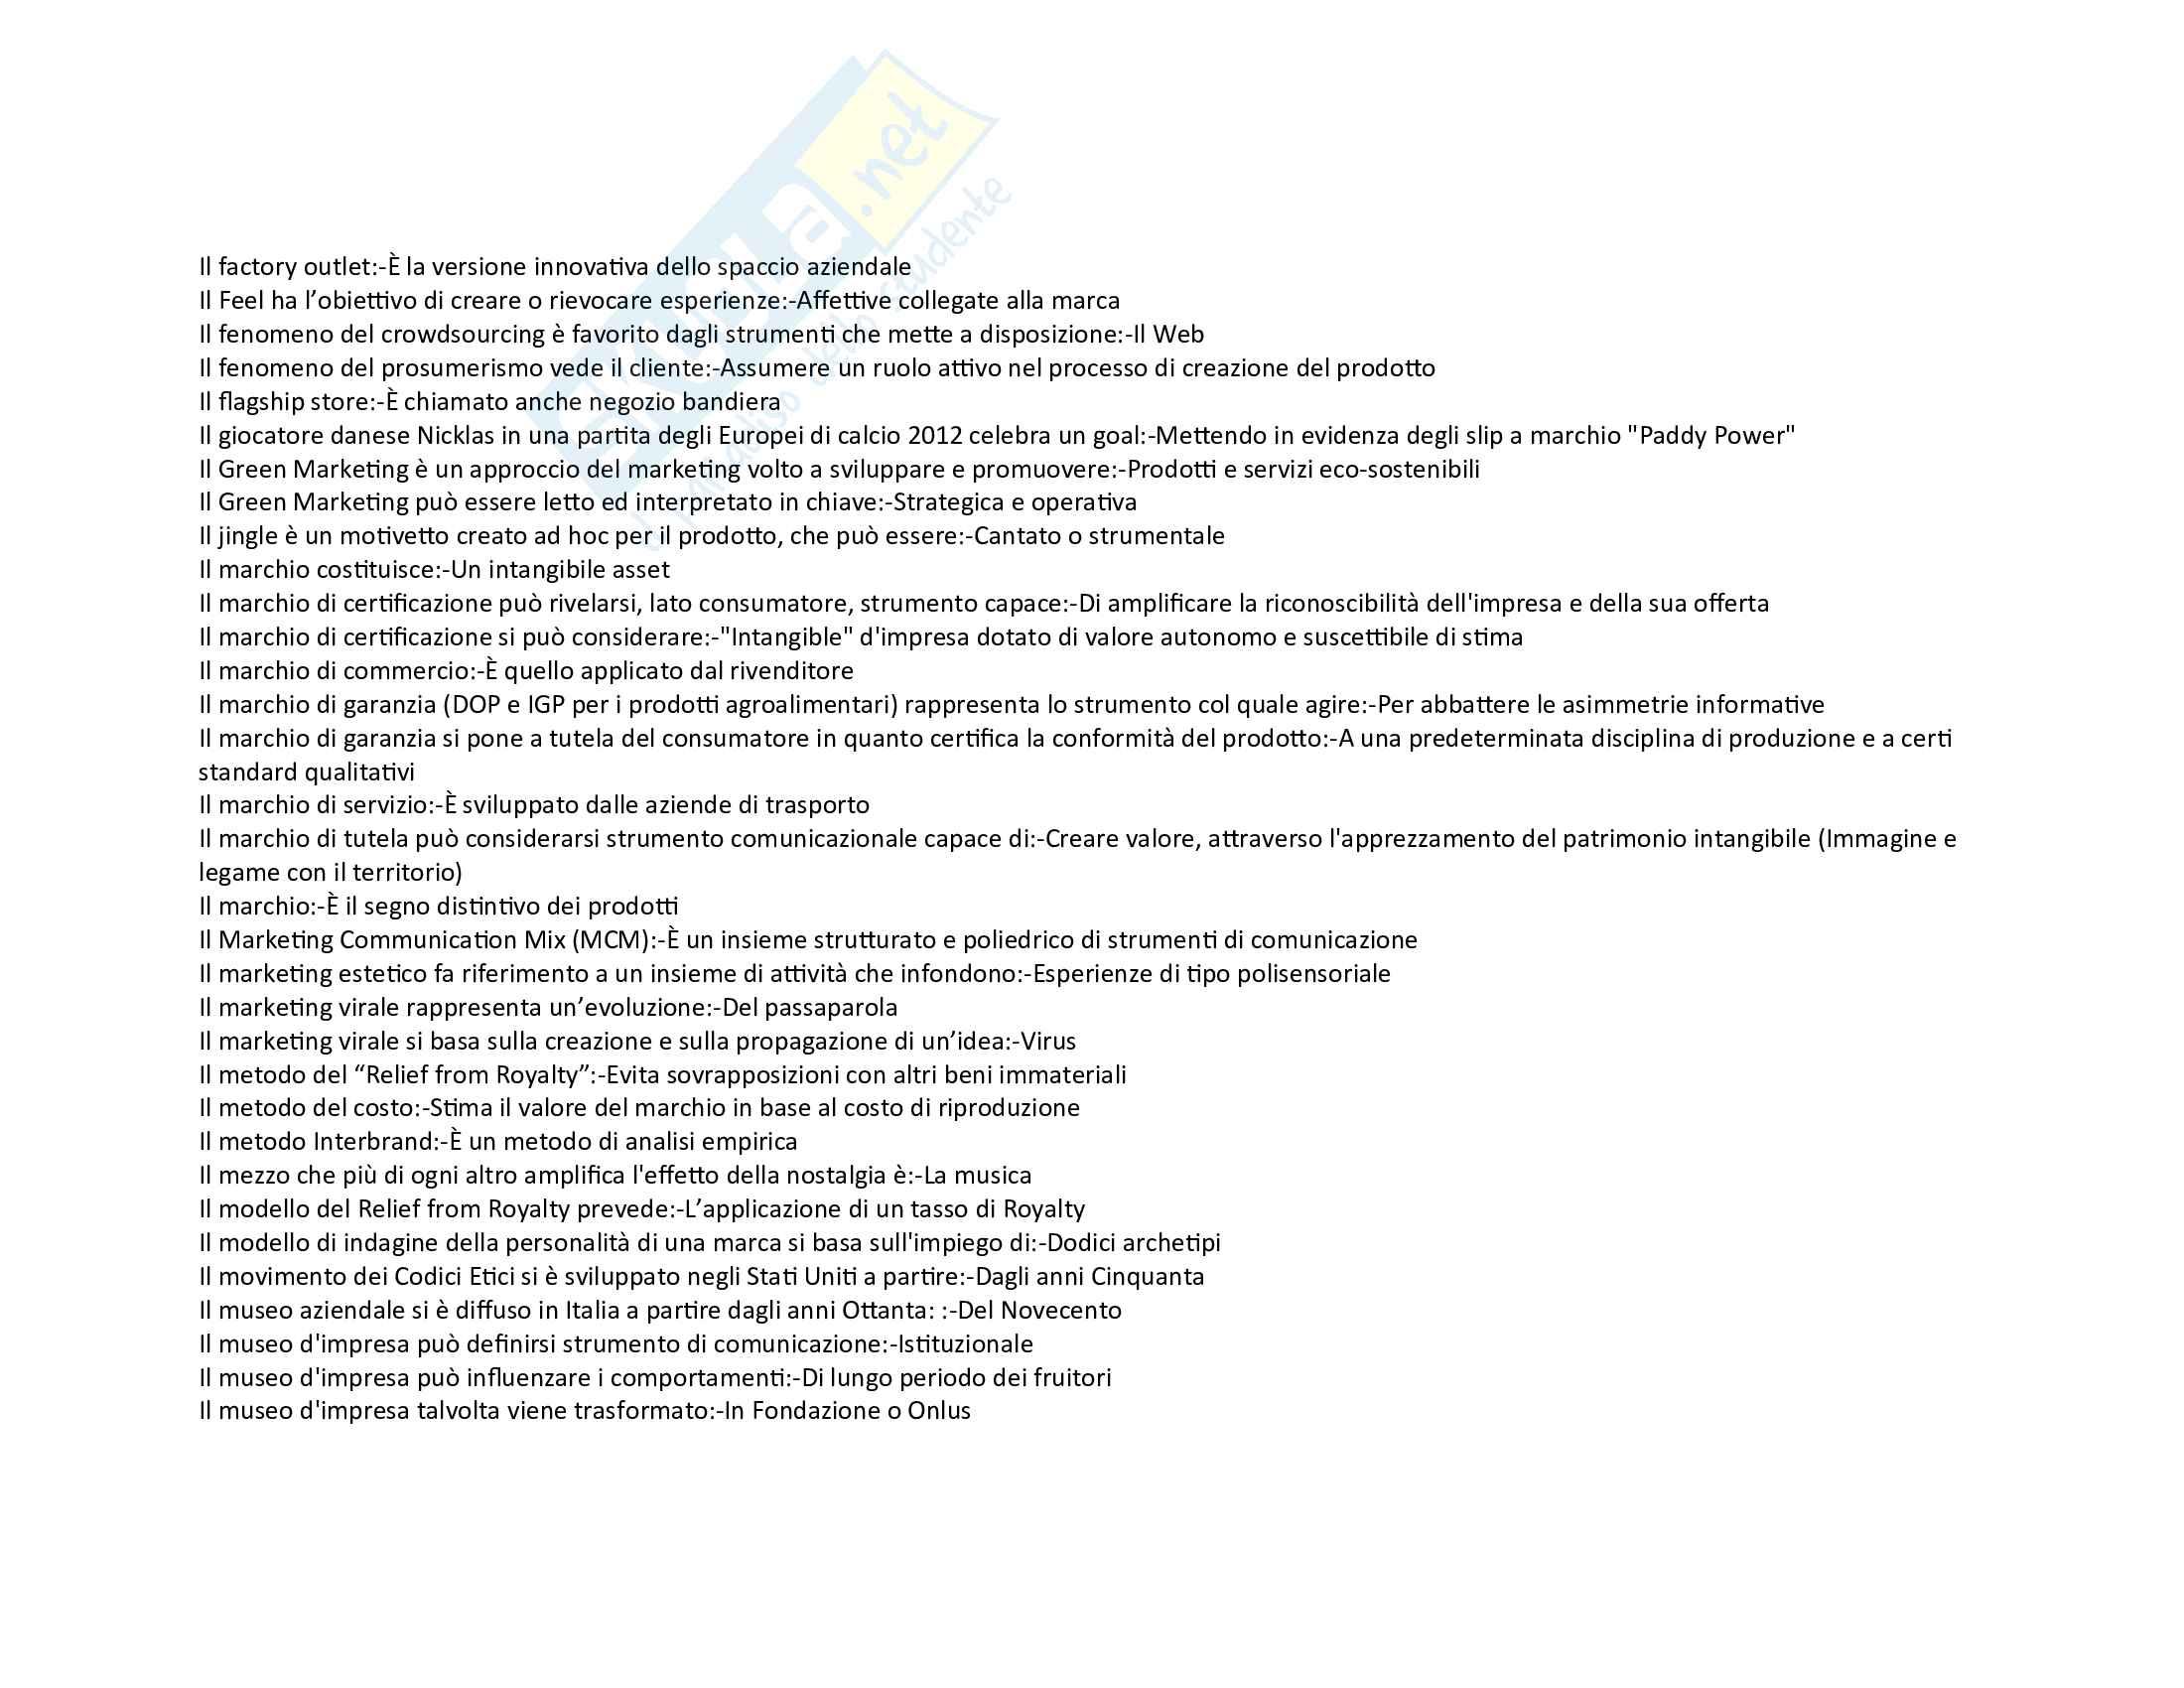 Strategie di Comunicazione D Impresa tutte le domande Pag. 6